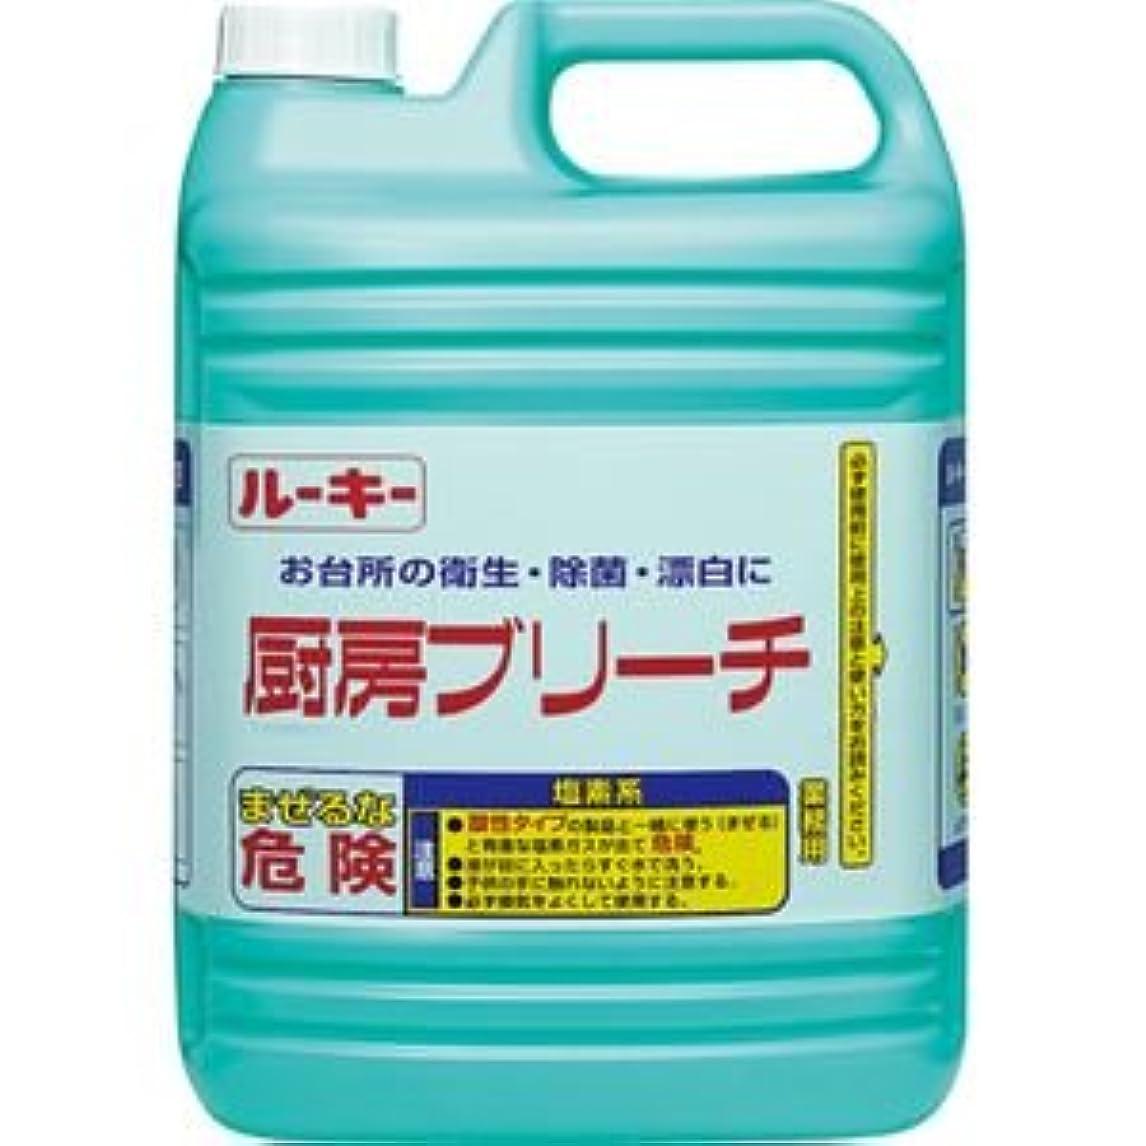 失望遅れペット(まとめ) 第一石鹸 ルーキー 厨房ブリーチ 業務用 5kg 1本 【×5セット】